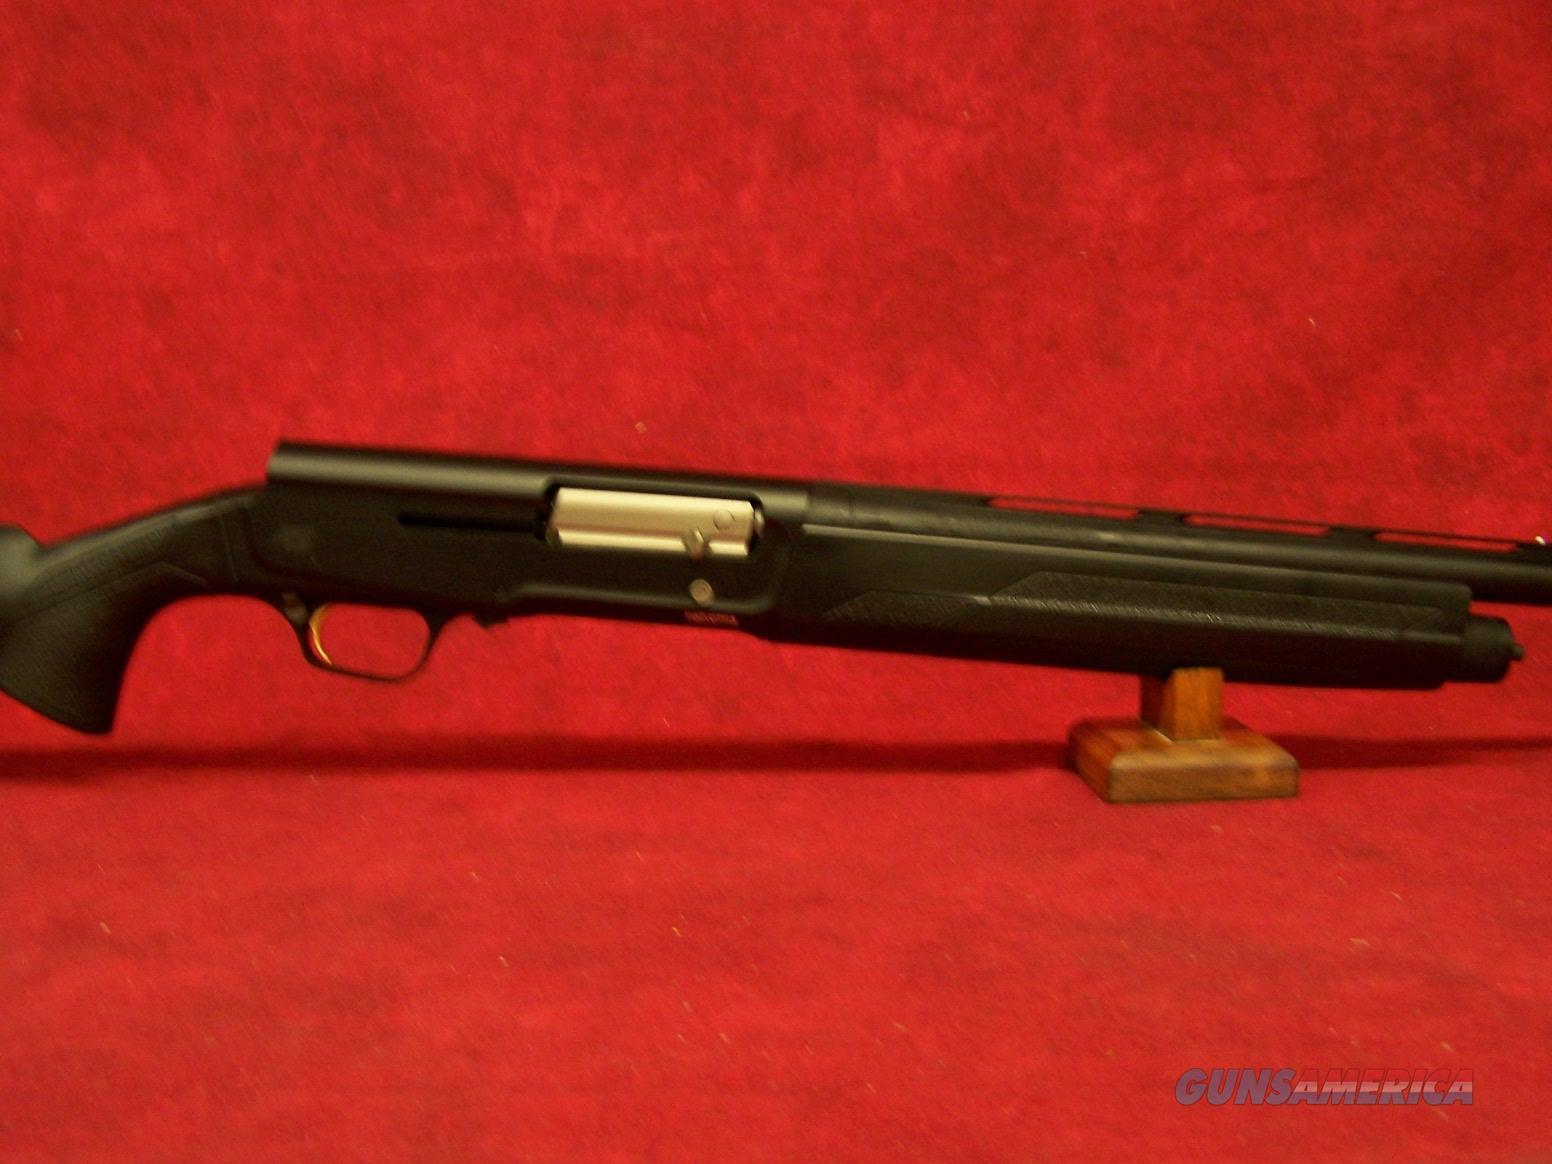 """Browning A5 12ga 3.5"""" Stalker 28"""" Barrel (0118012004)  Guns > Shotguns > Browning Shotguns > Autoloaders > Hunting"""